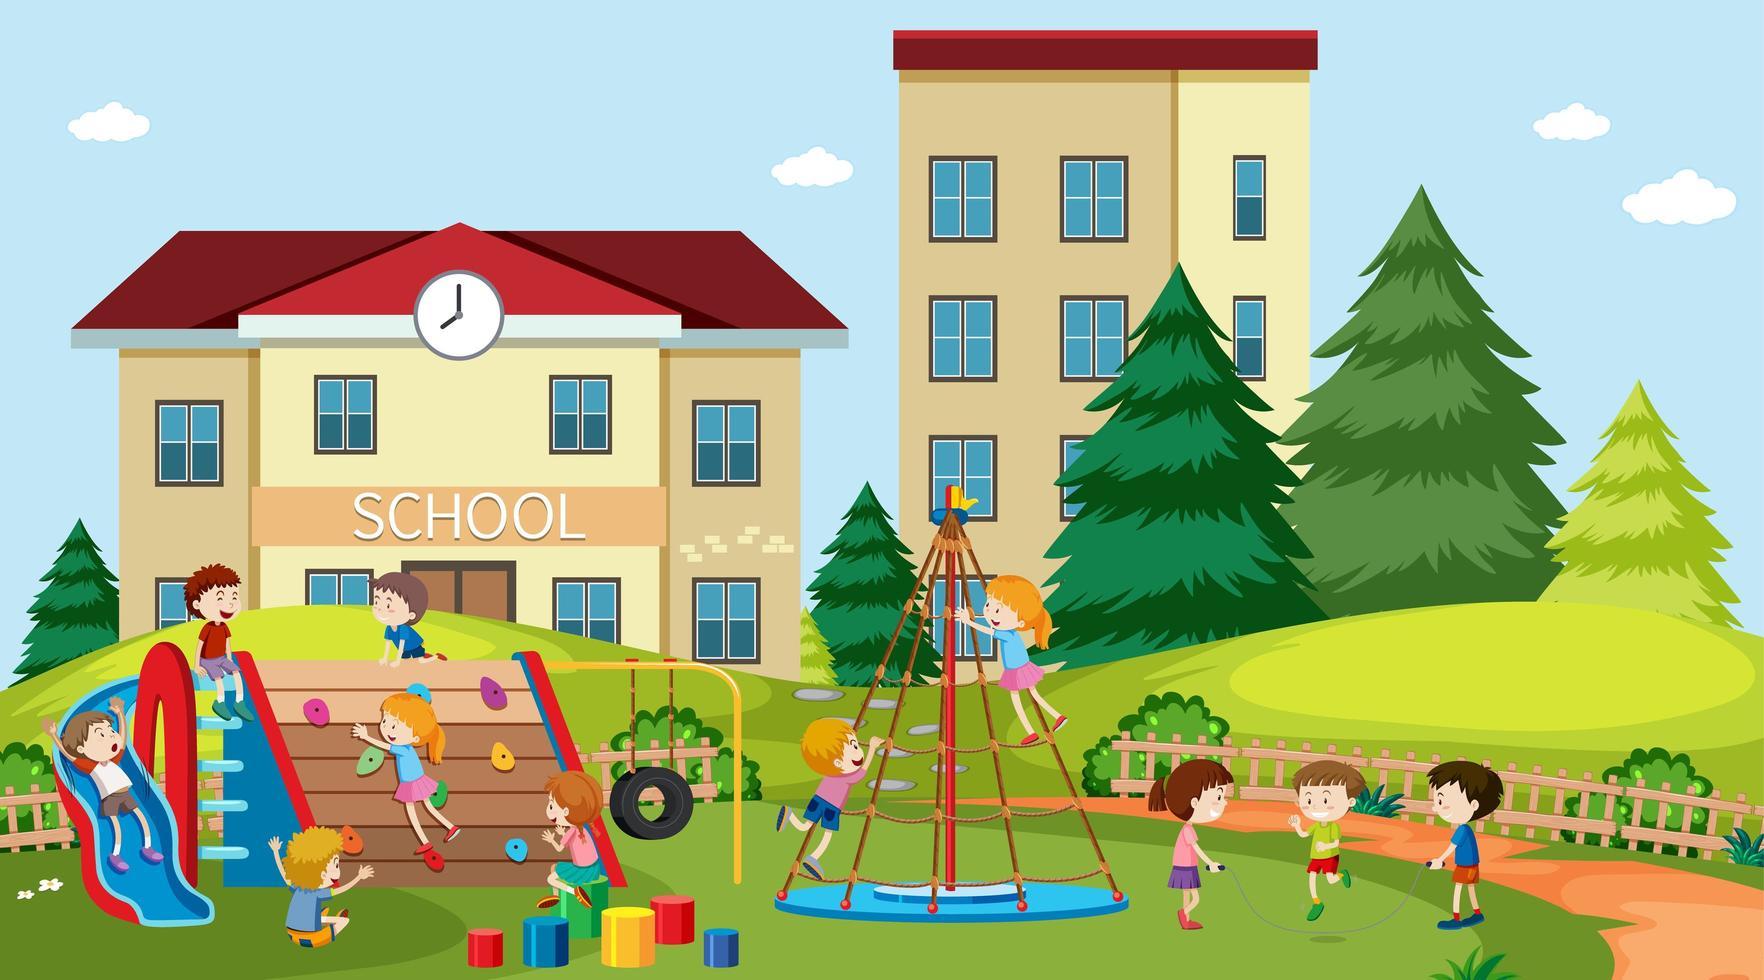 aktive Jungen und Mädchen, die draußen in der Schule spielen vektor